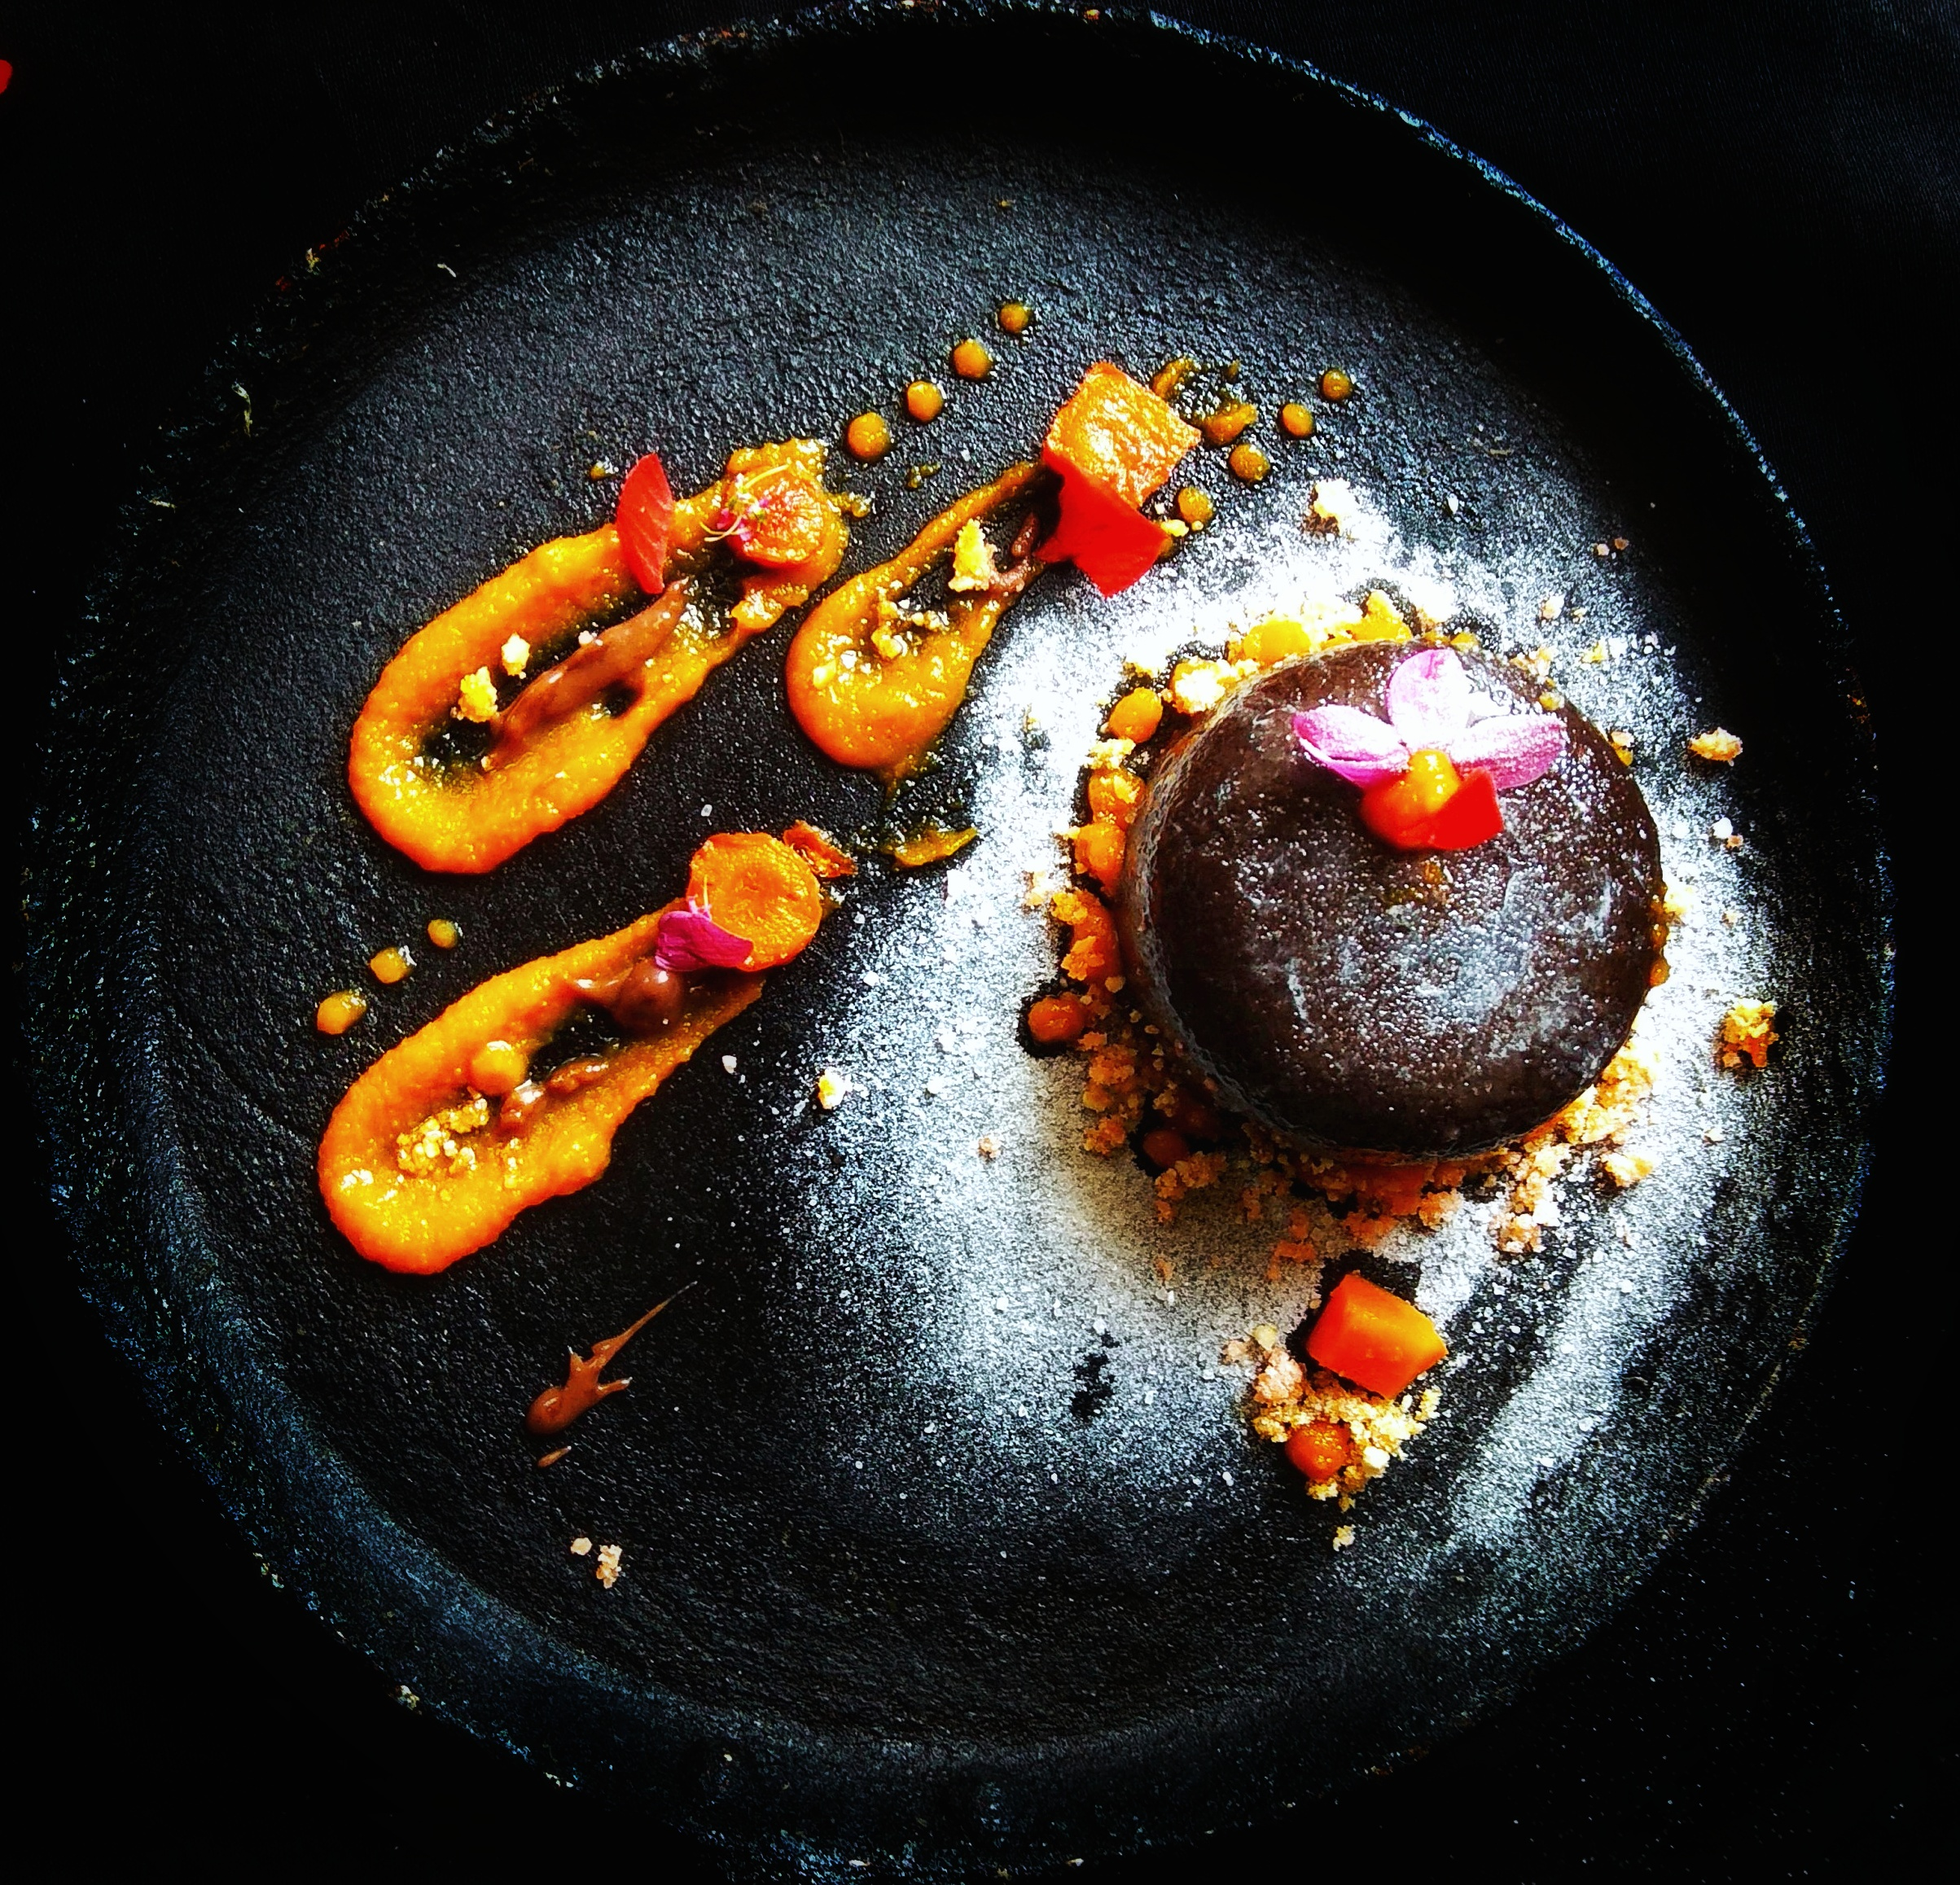 Deconstructed gajar halva representing carrot lava cake with carrot caramel sauce: